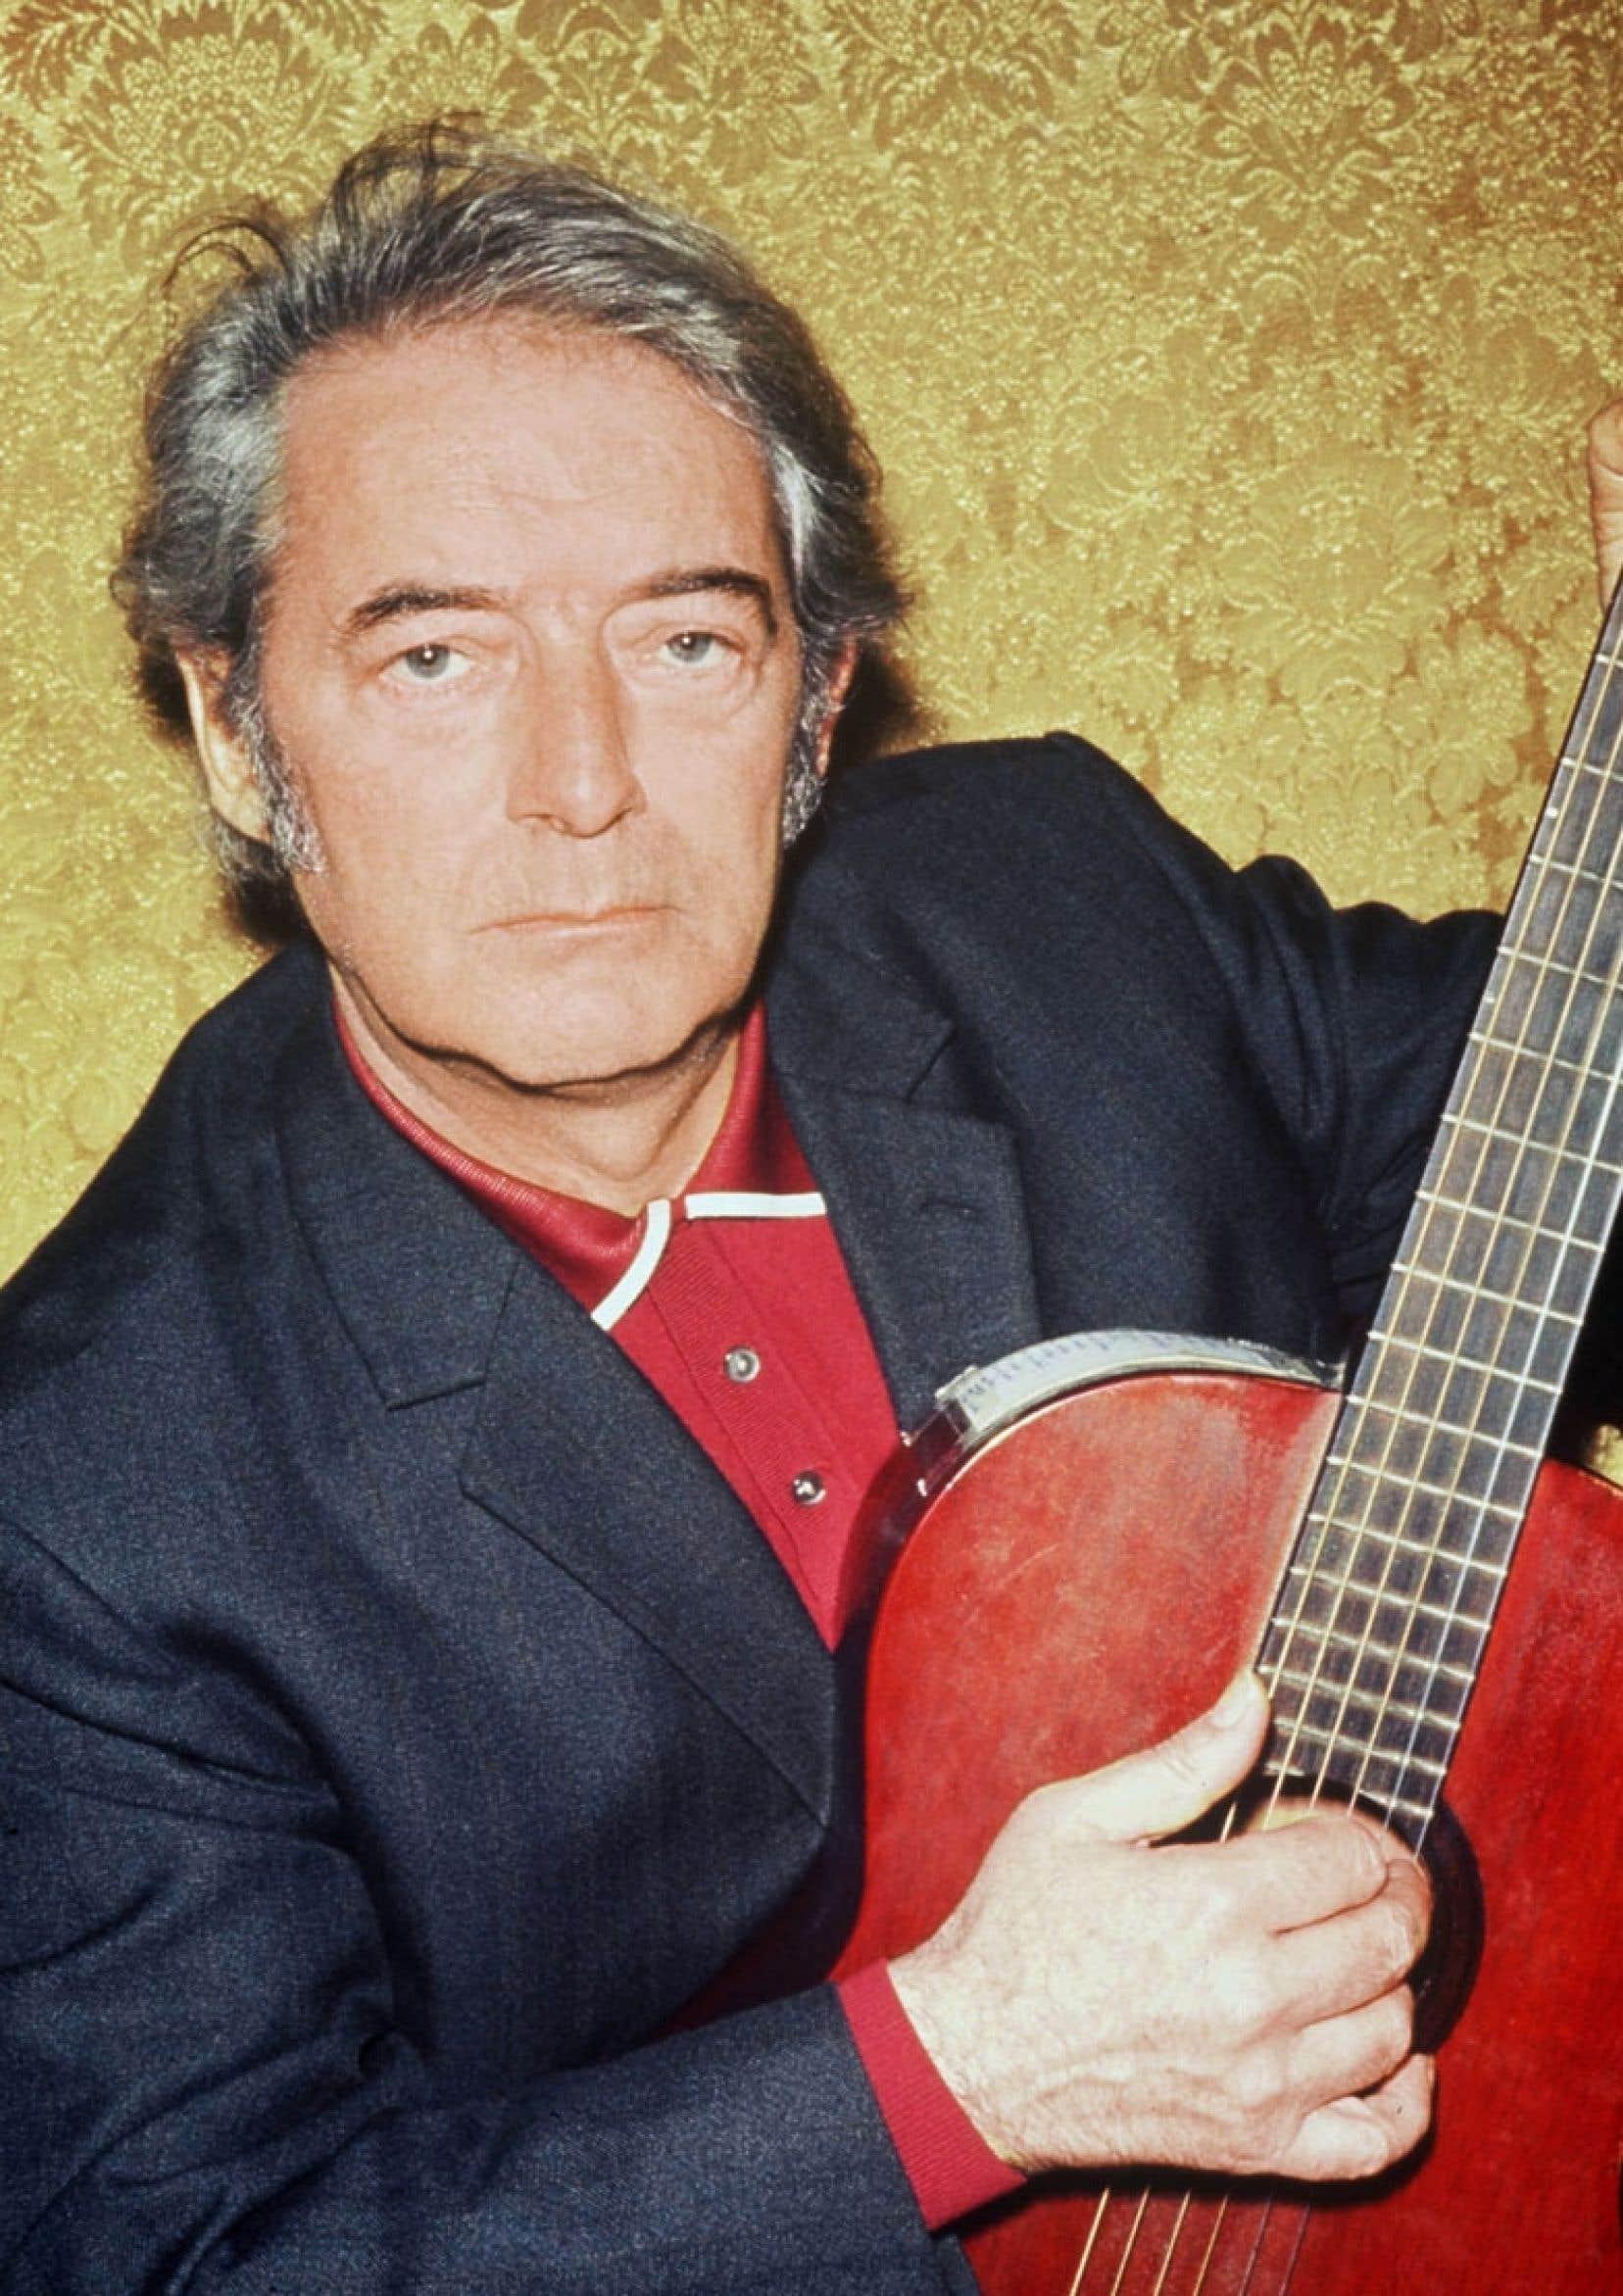 Photo de Félix Leclerc prise en février 1971 lors de la première de son tour de chant au théâtre de Bobino à Paris.